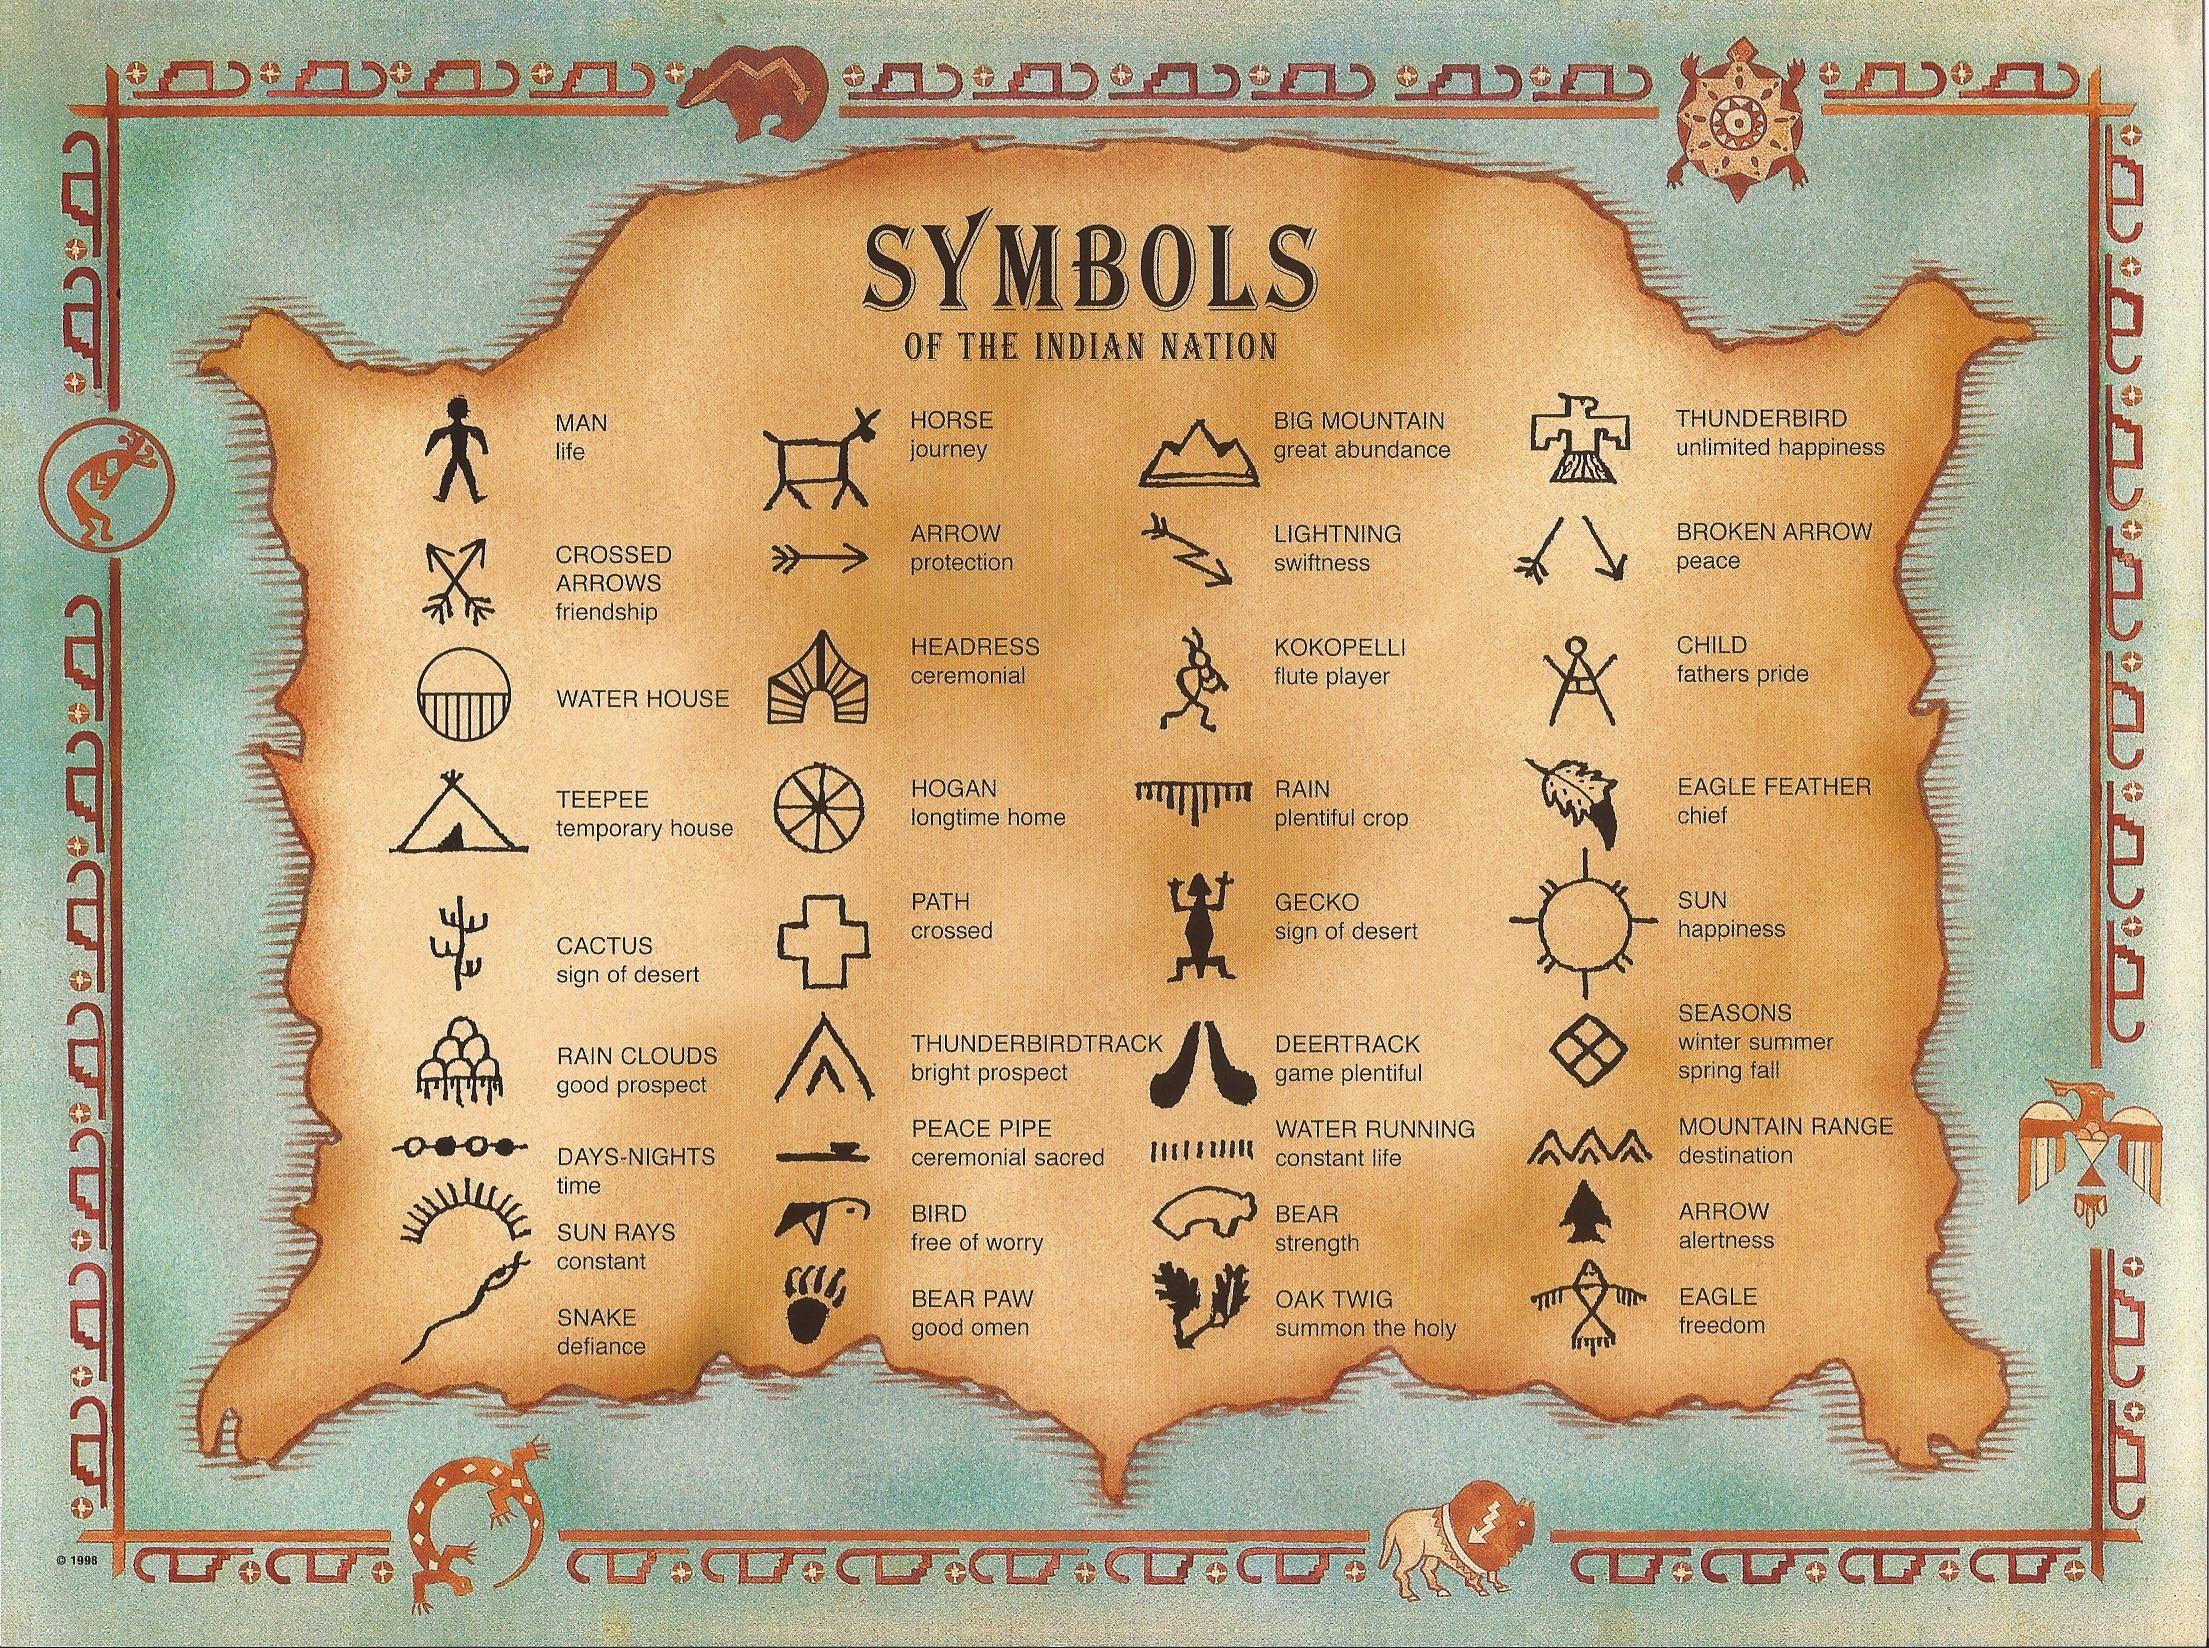 Top Plus de 25 idées magnifiques dans la catégorie Symboles  DX62